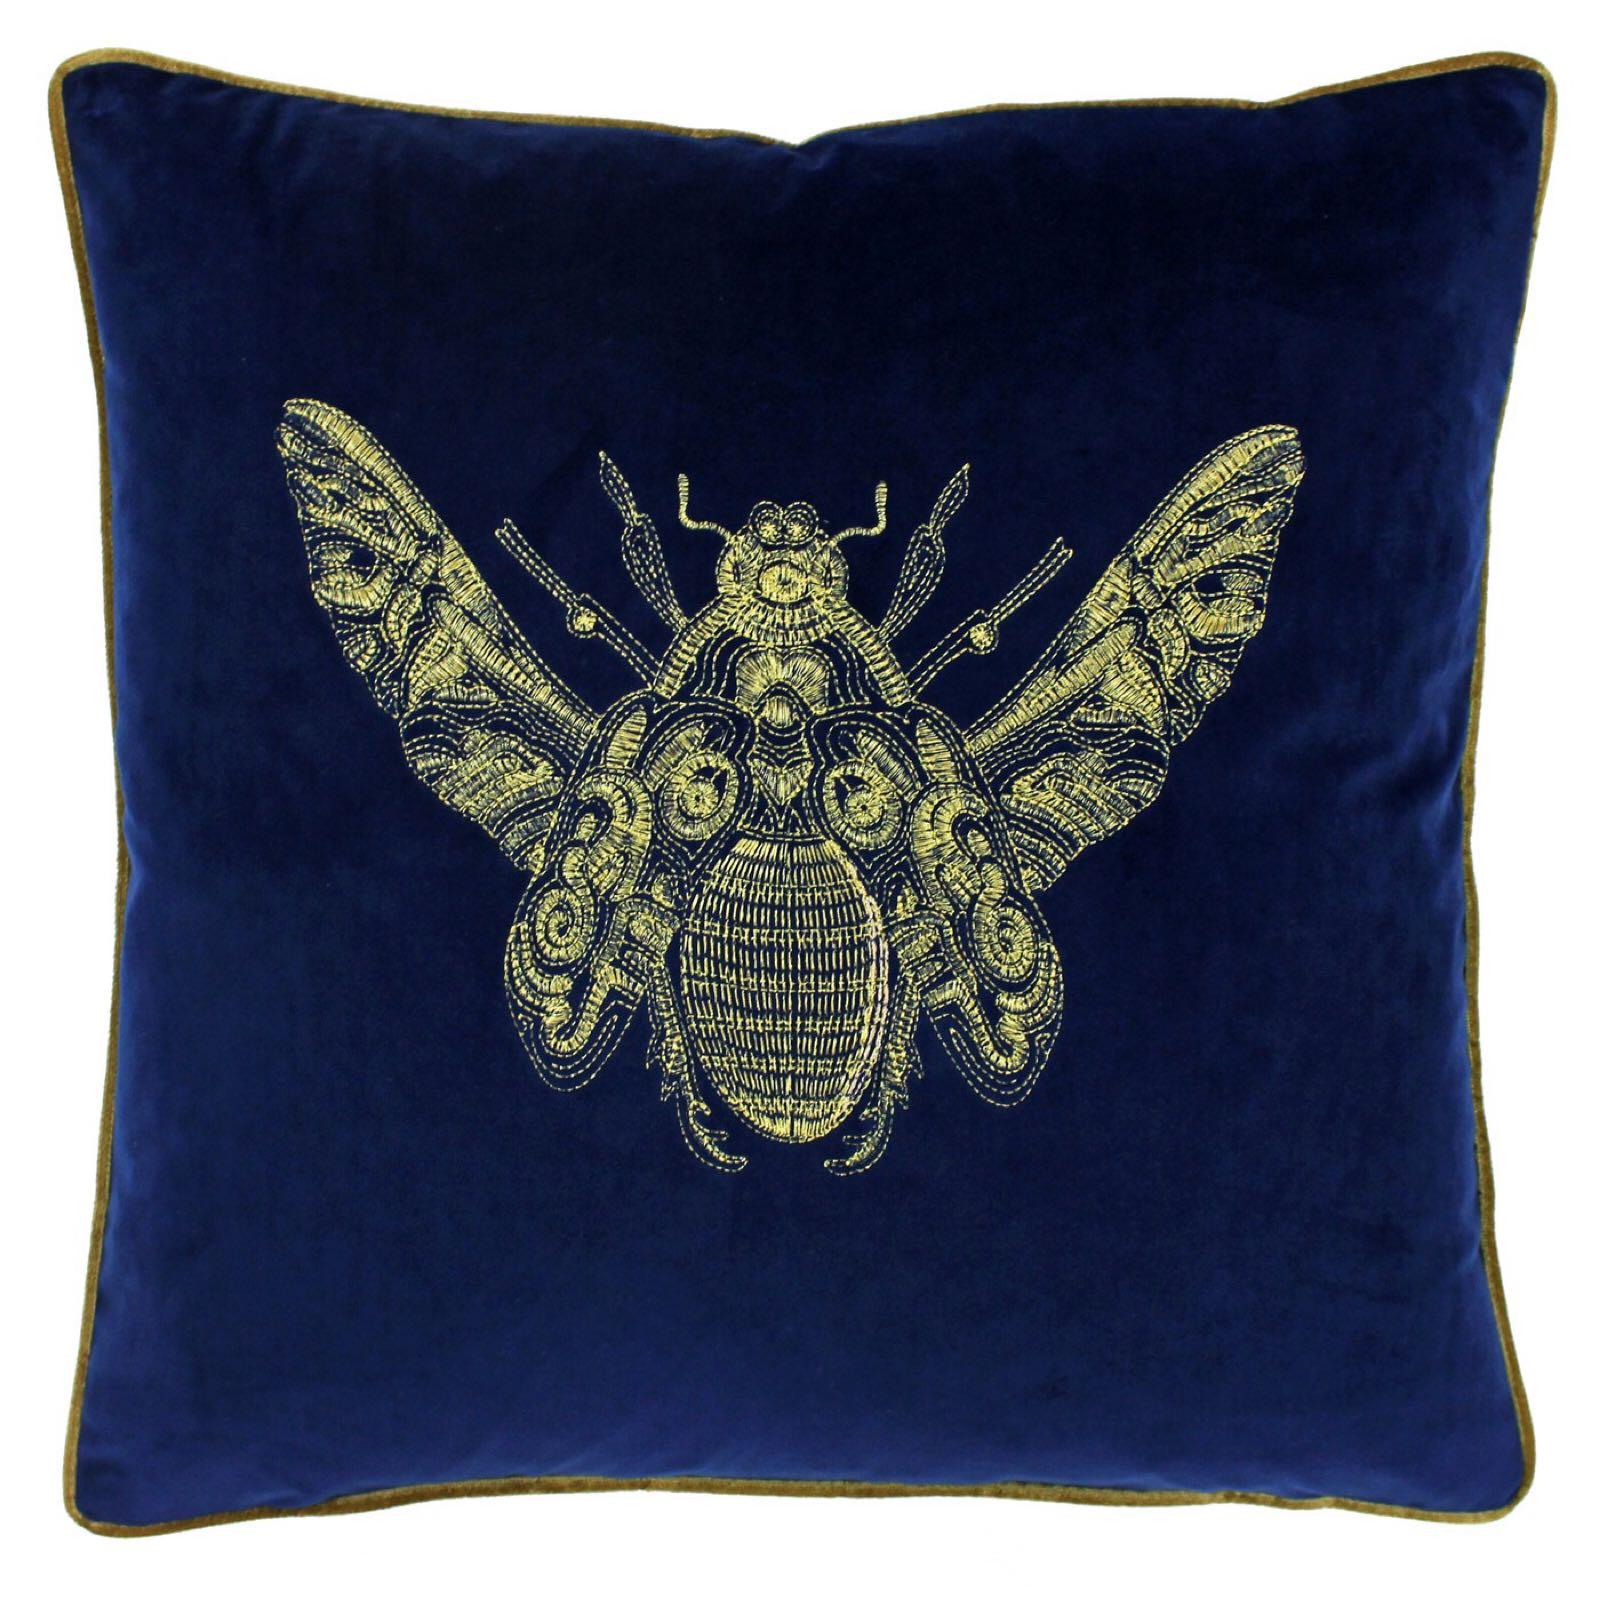 Cerana bee cushion in navy